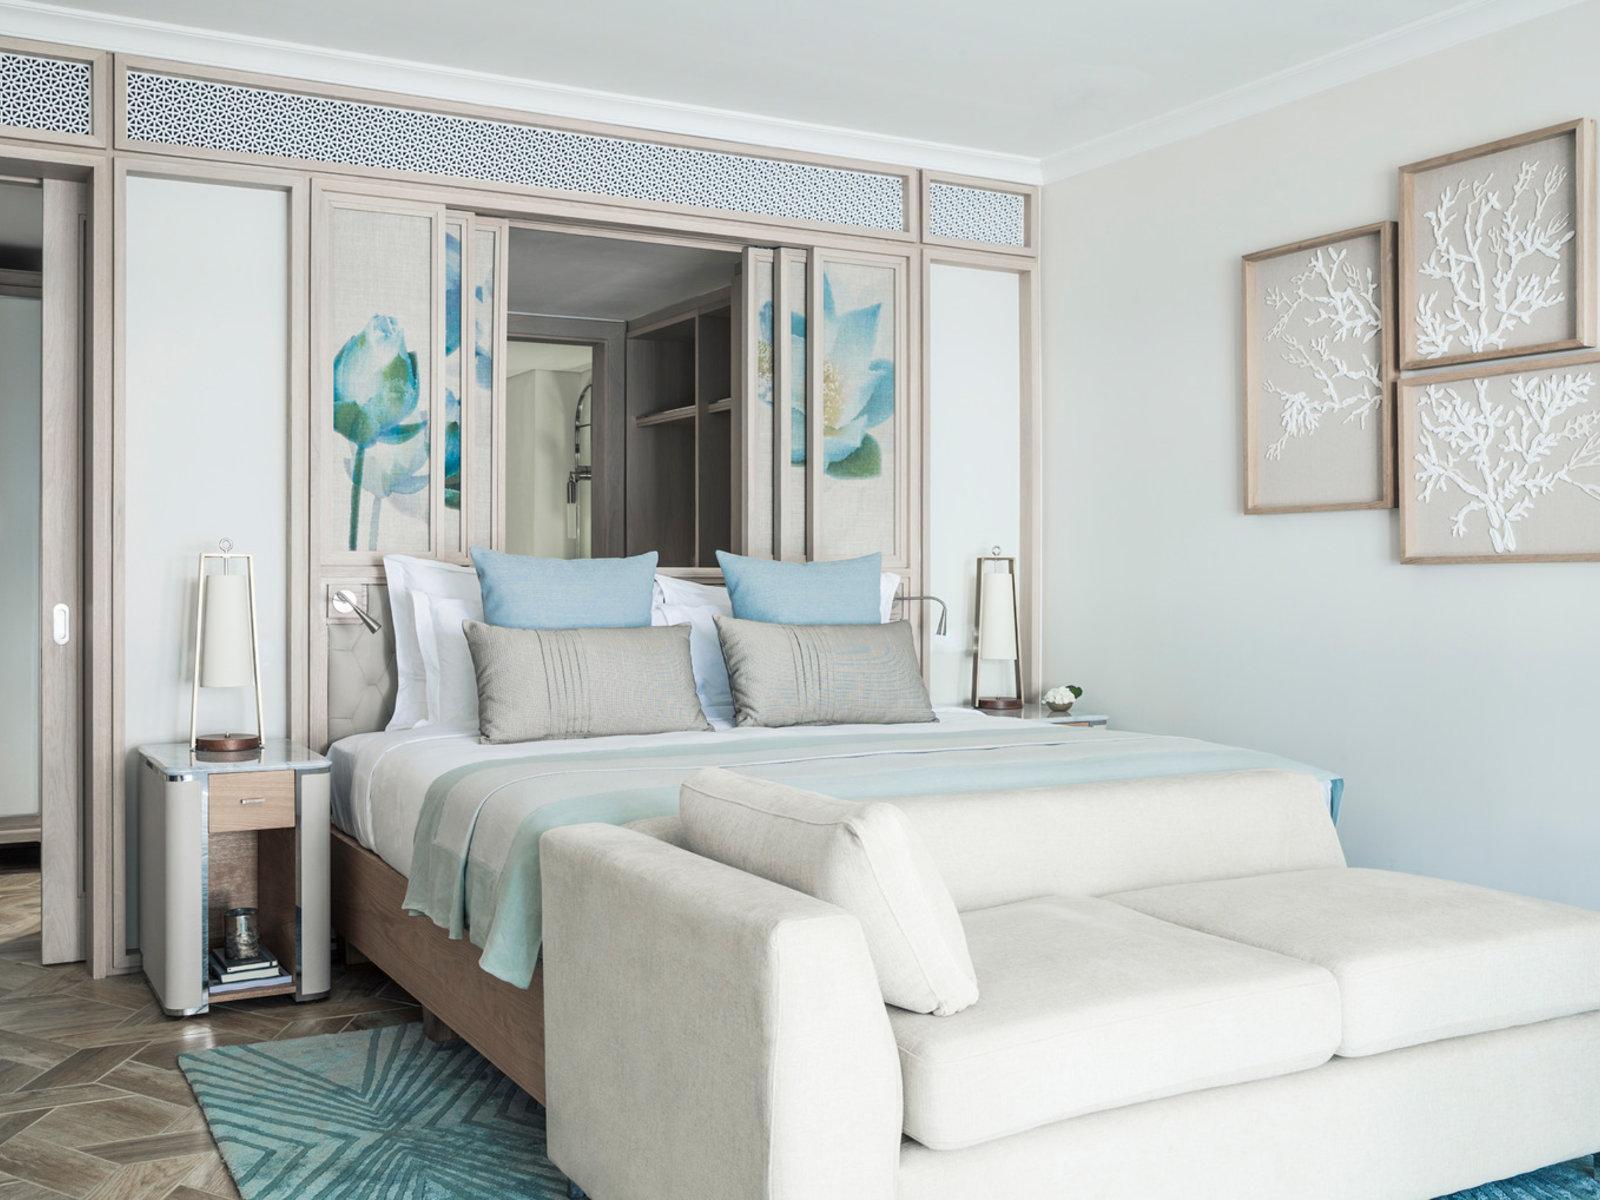 Wohnbeispiel Honeymoon Ocean Balcony Room